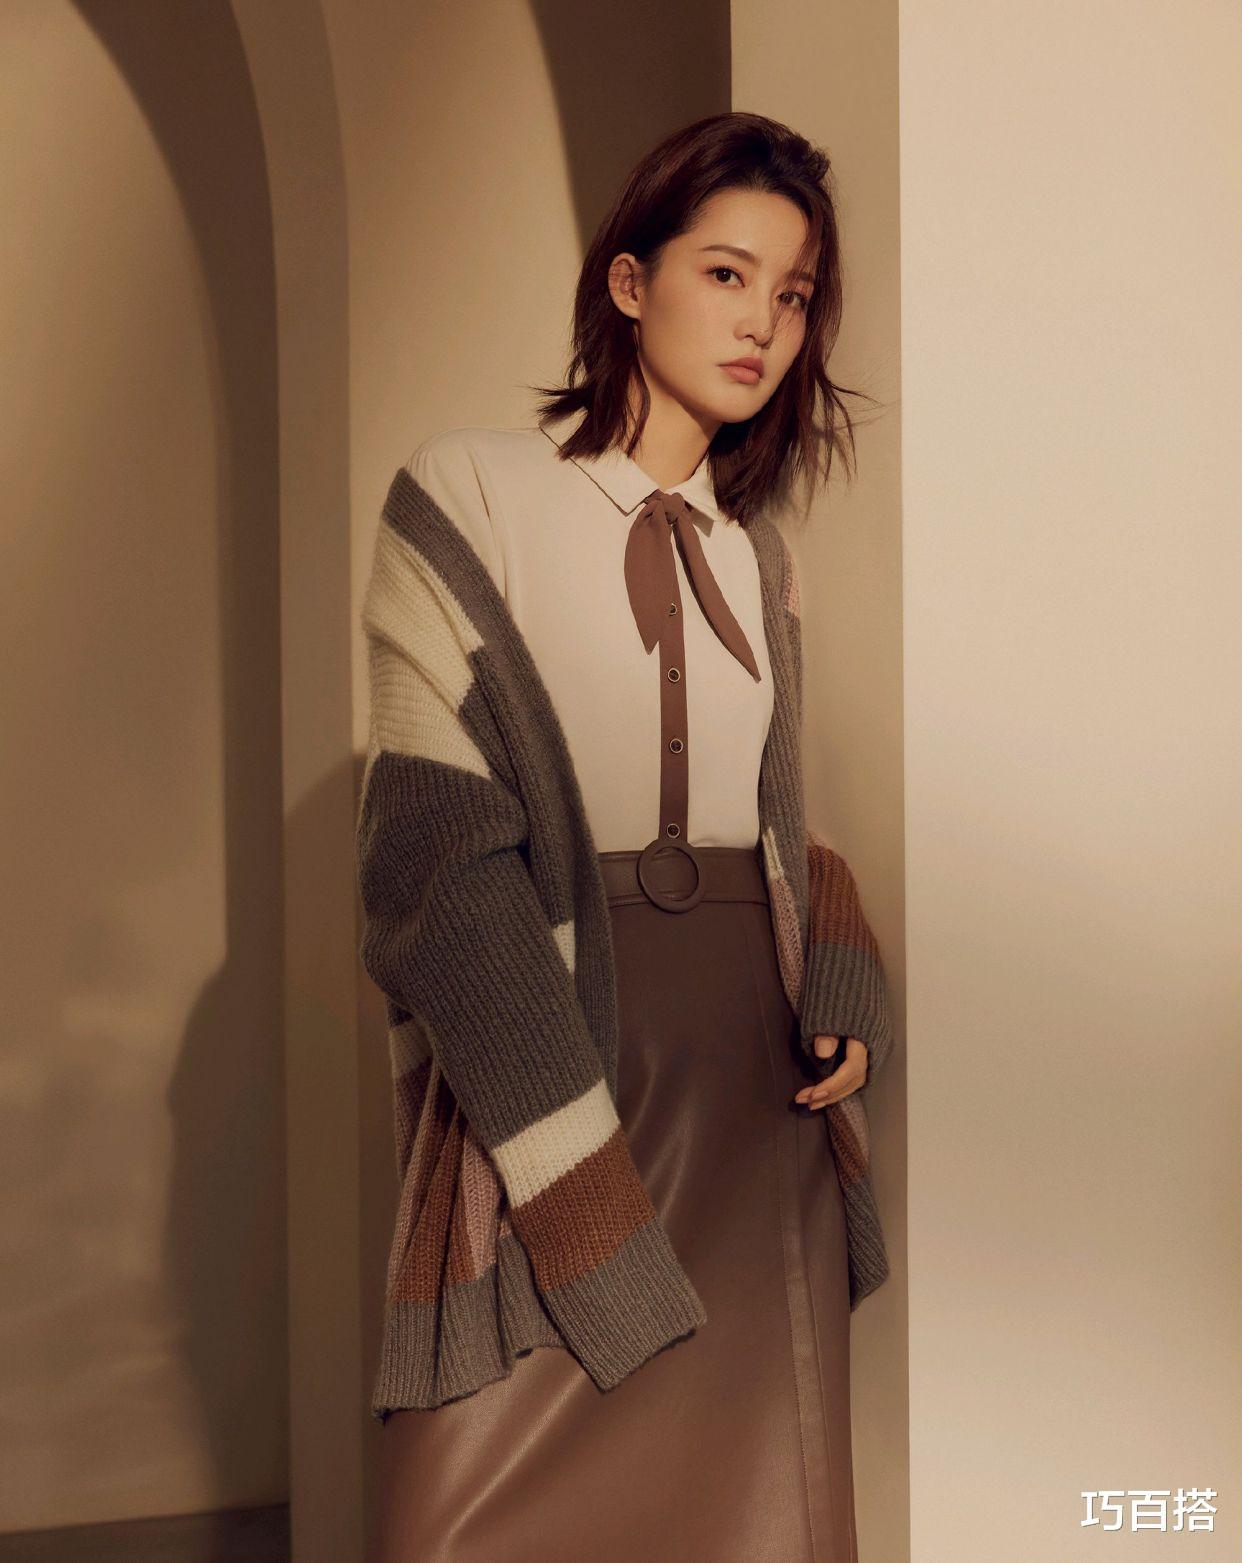 30歲的李沁時尚品味不俗!七夕桃花妝粉面含春,簡直撩人於無形-圖6